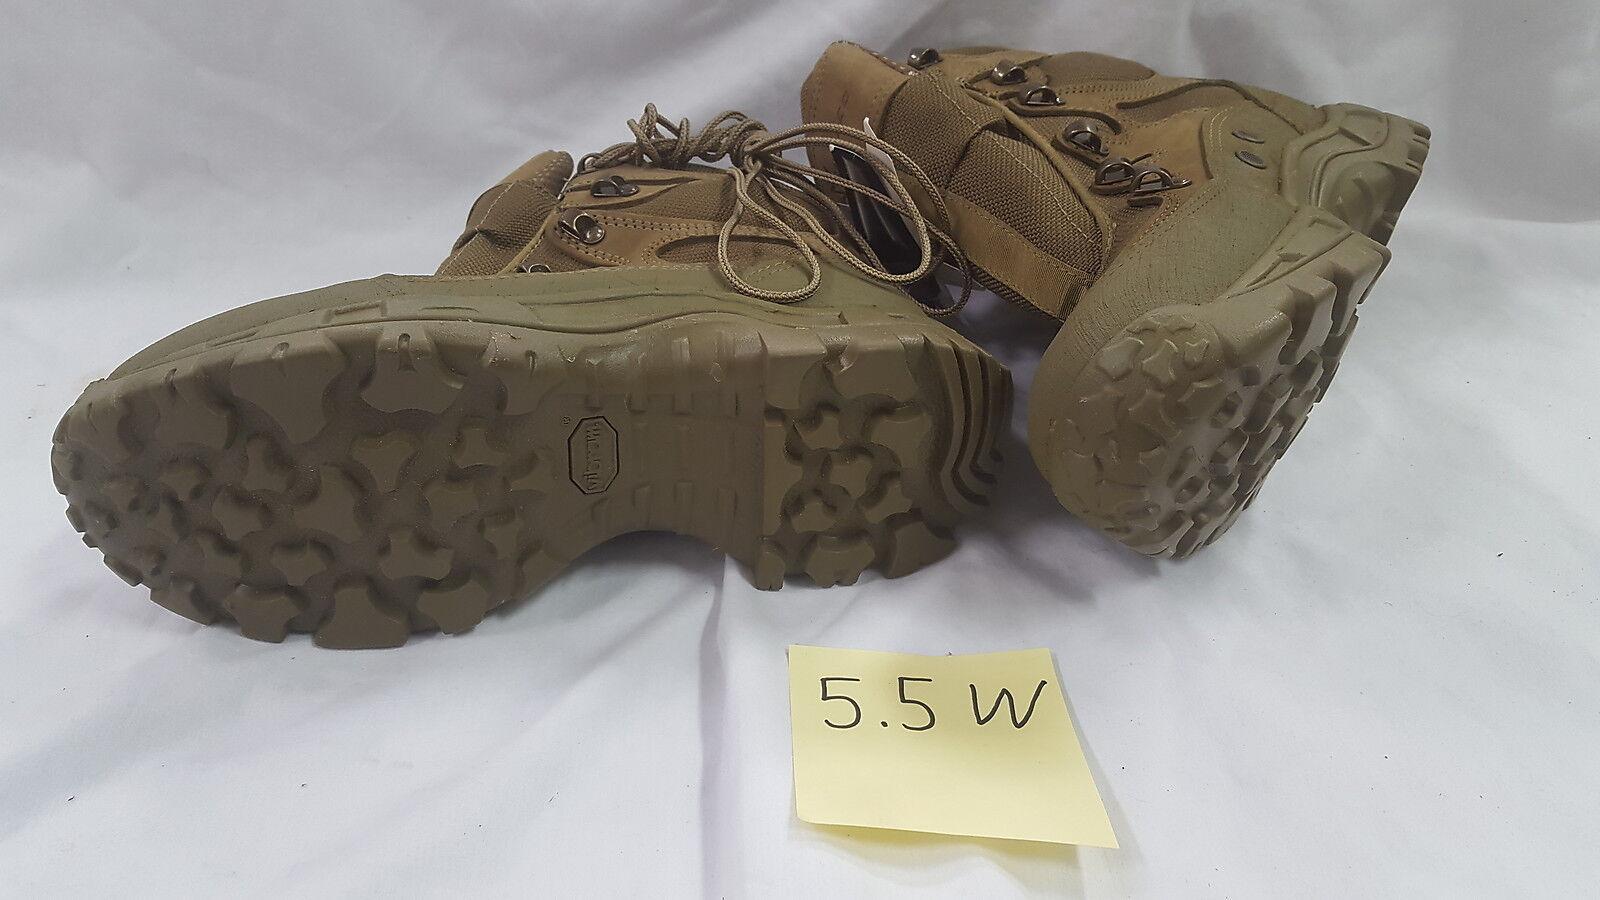 Heißes wetter militärische wellco bekämpfung wanderschuhe wellco militärische vibram 5.5w 62ed24